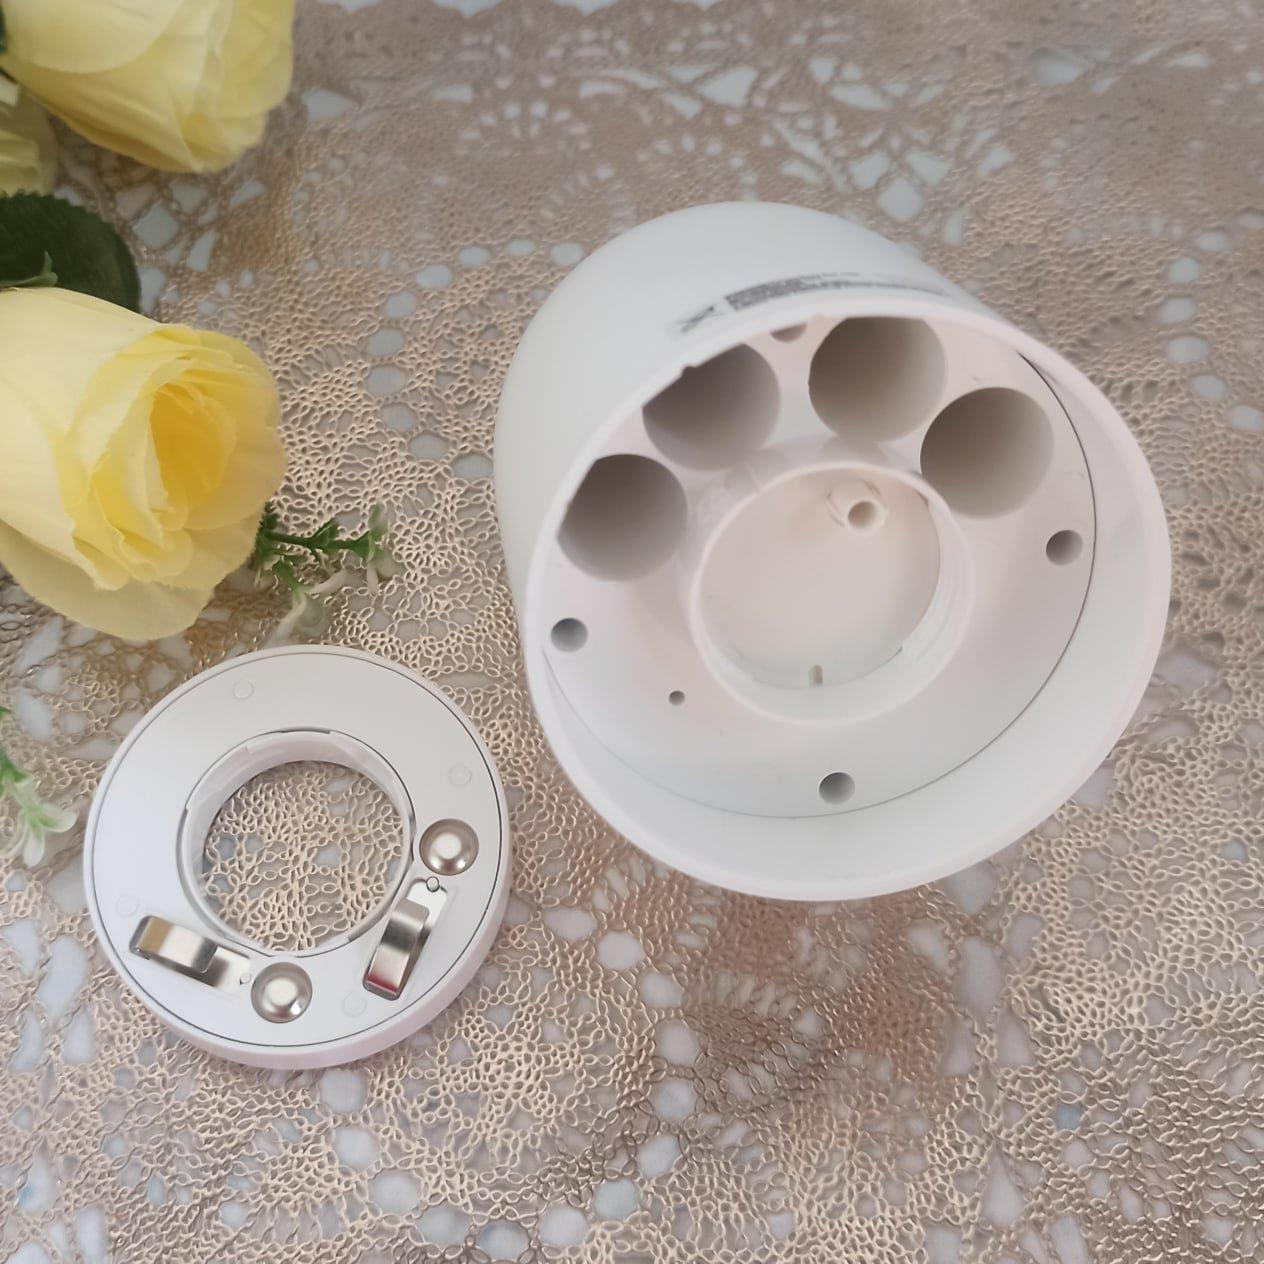 Автоматический дозатор жидкого мыла от BASEUS - характеристики